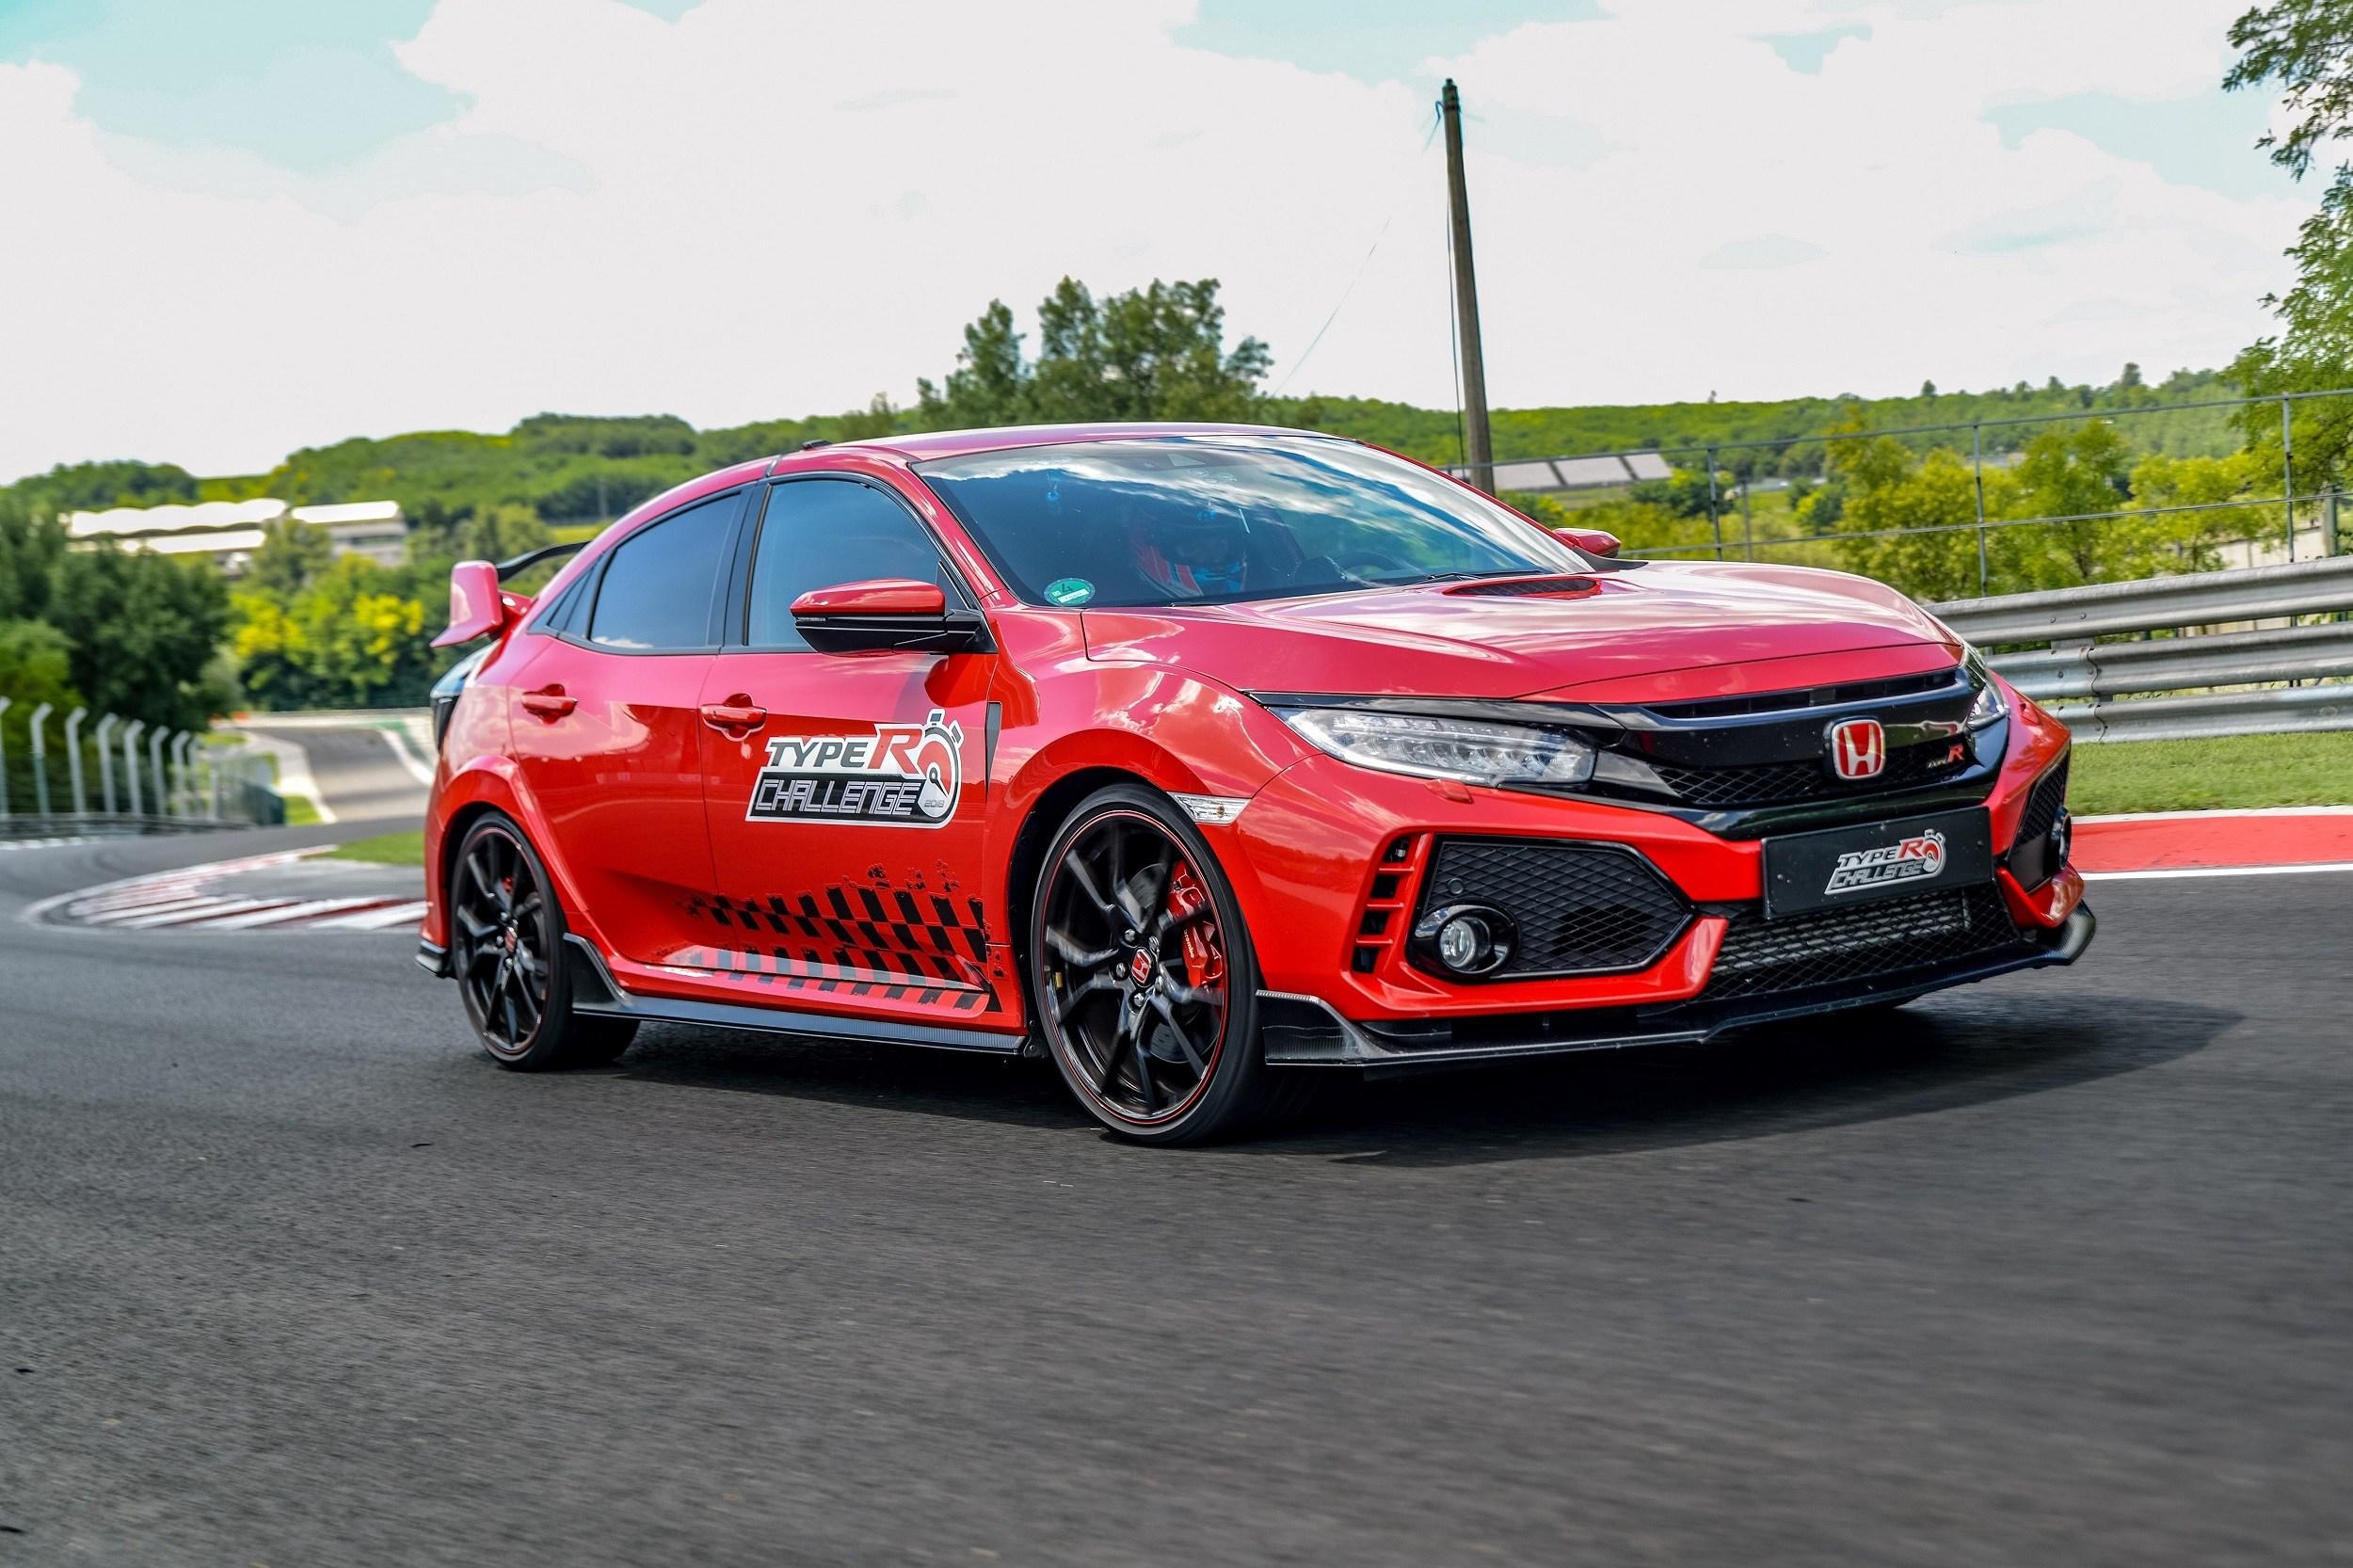 Στην πίστα του Hungaroring ο Jenson Button με το Civic Type-R Challenge 2018